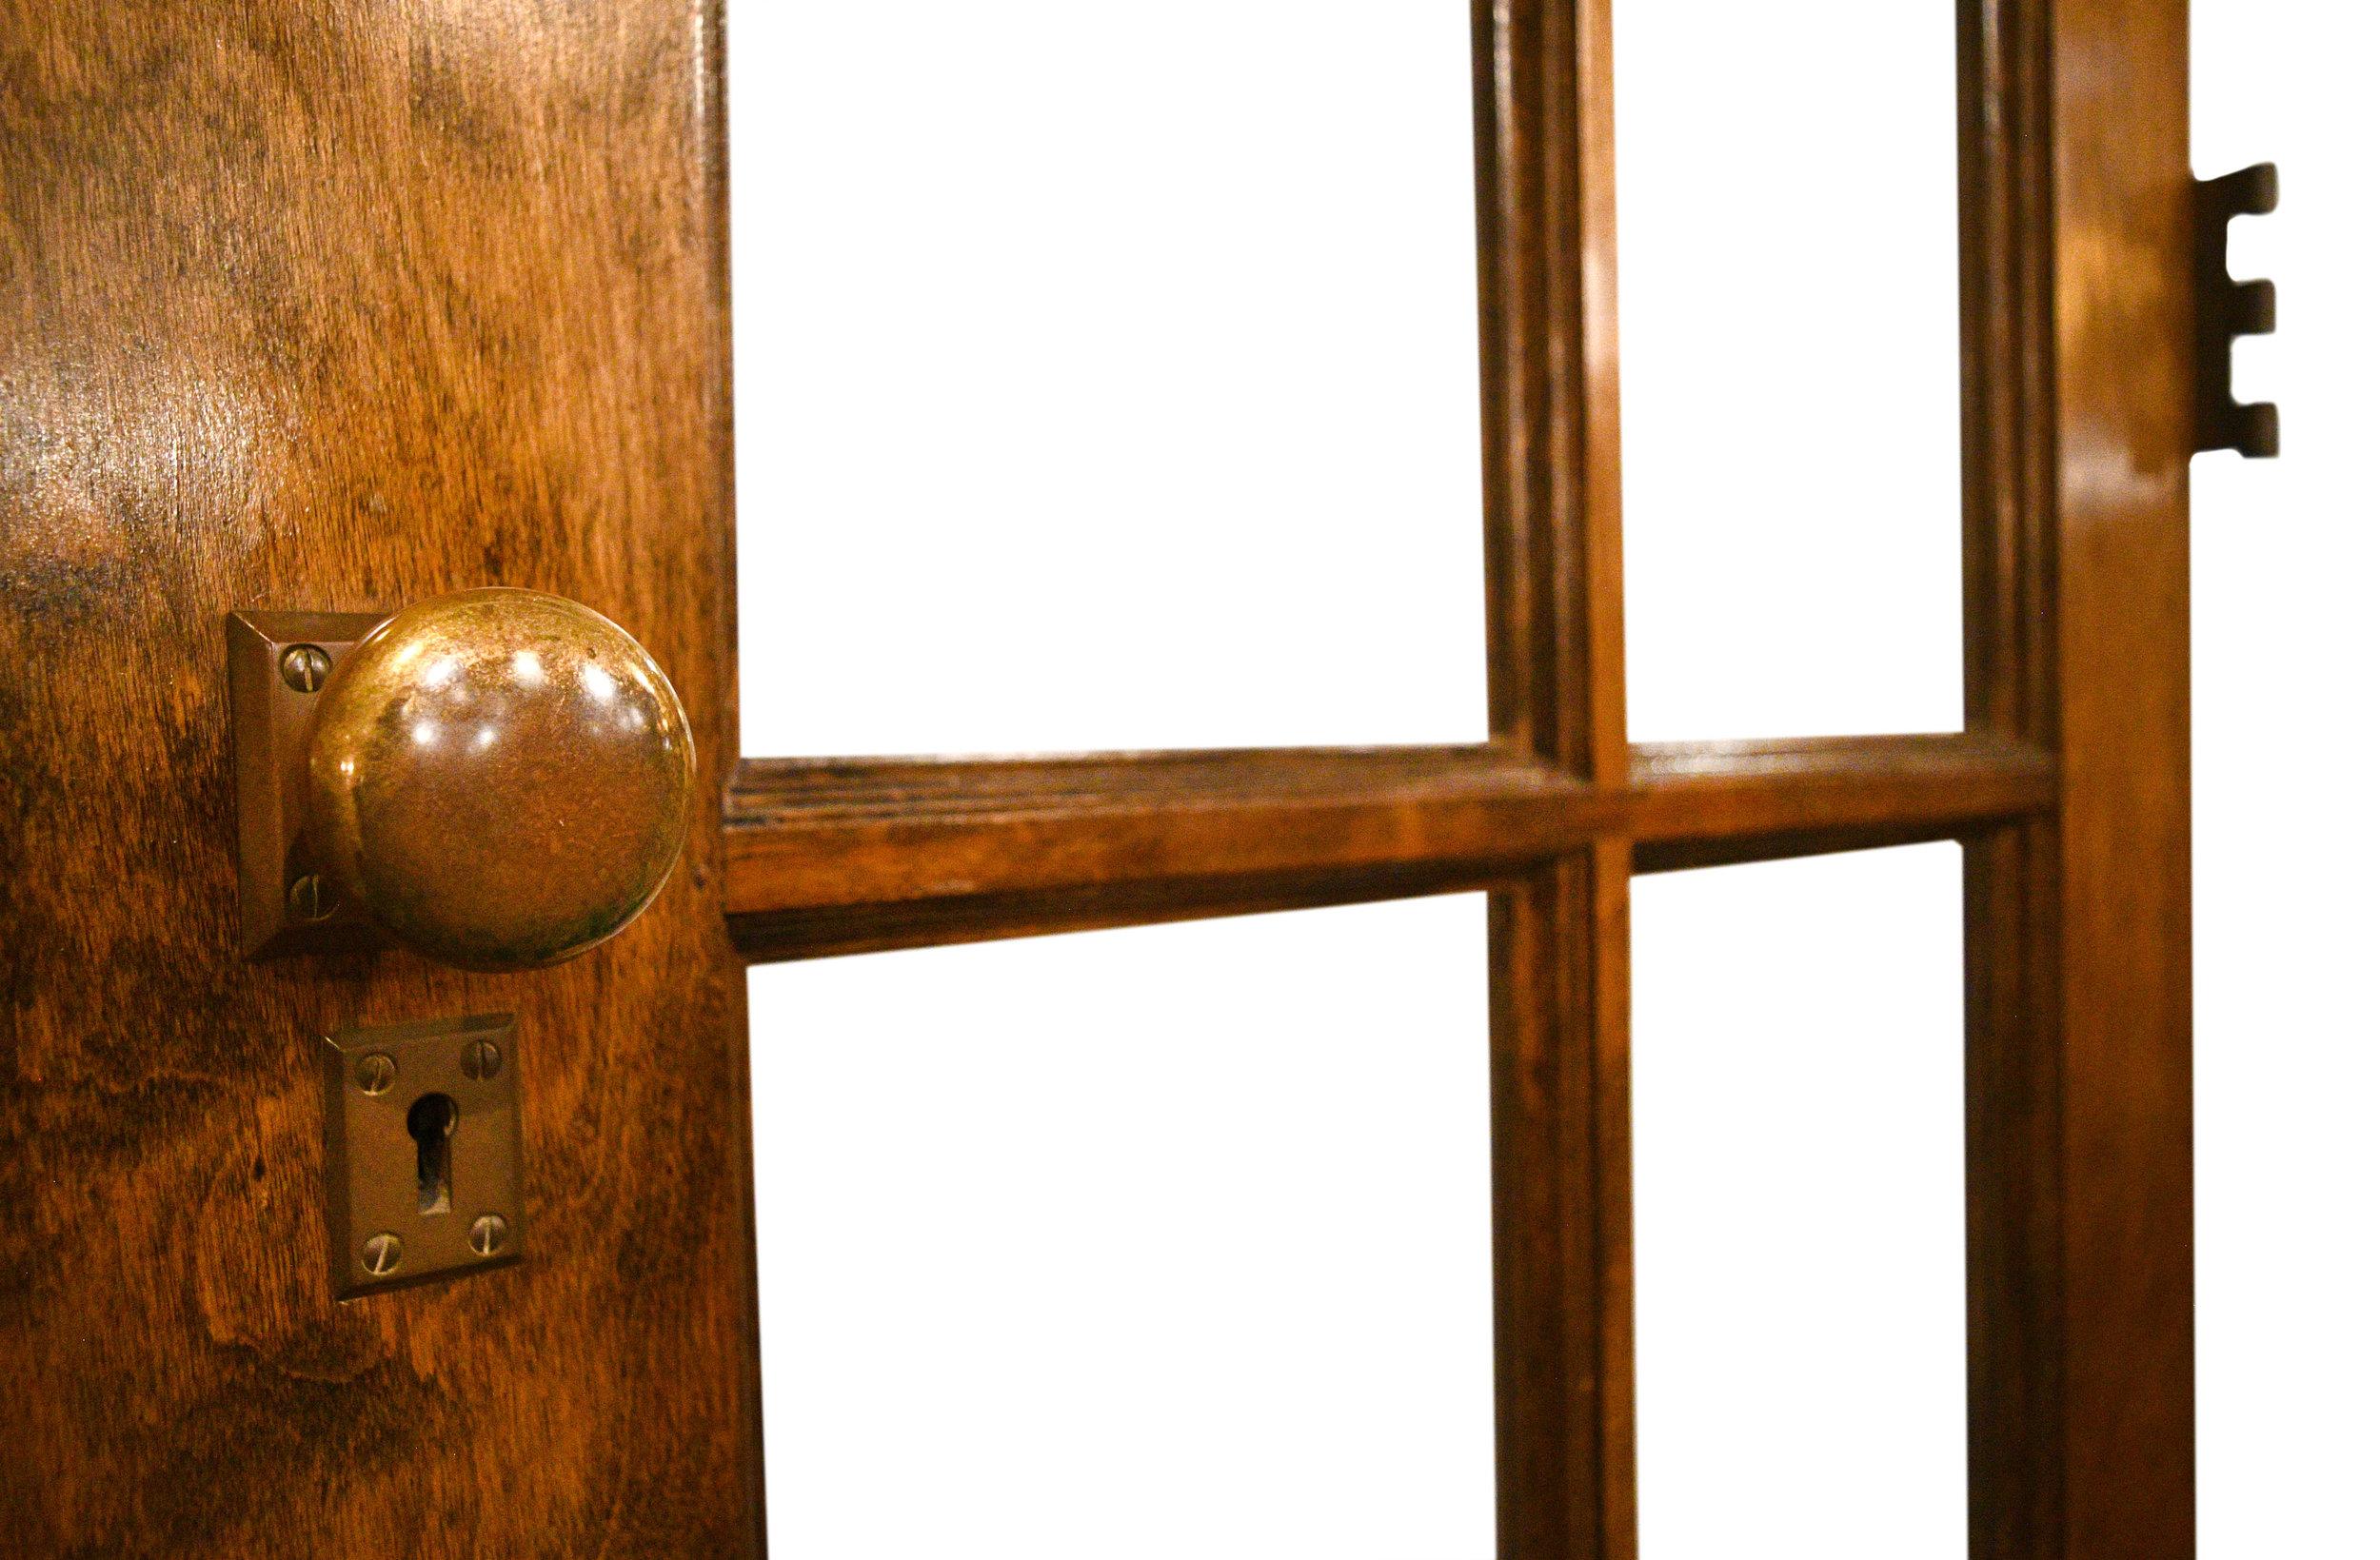 48404-double-door-clear-8-lite-knob.jpg